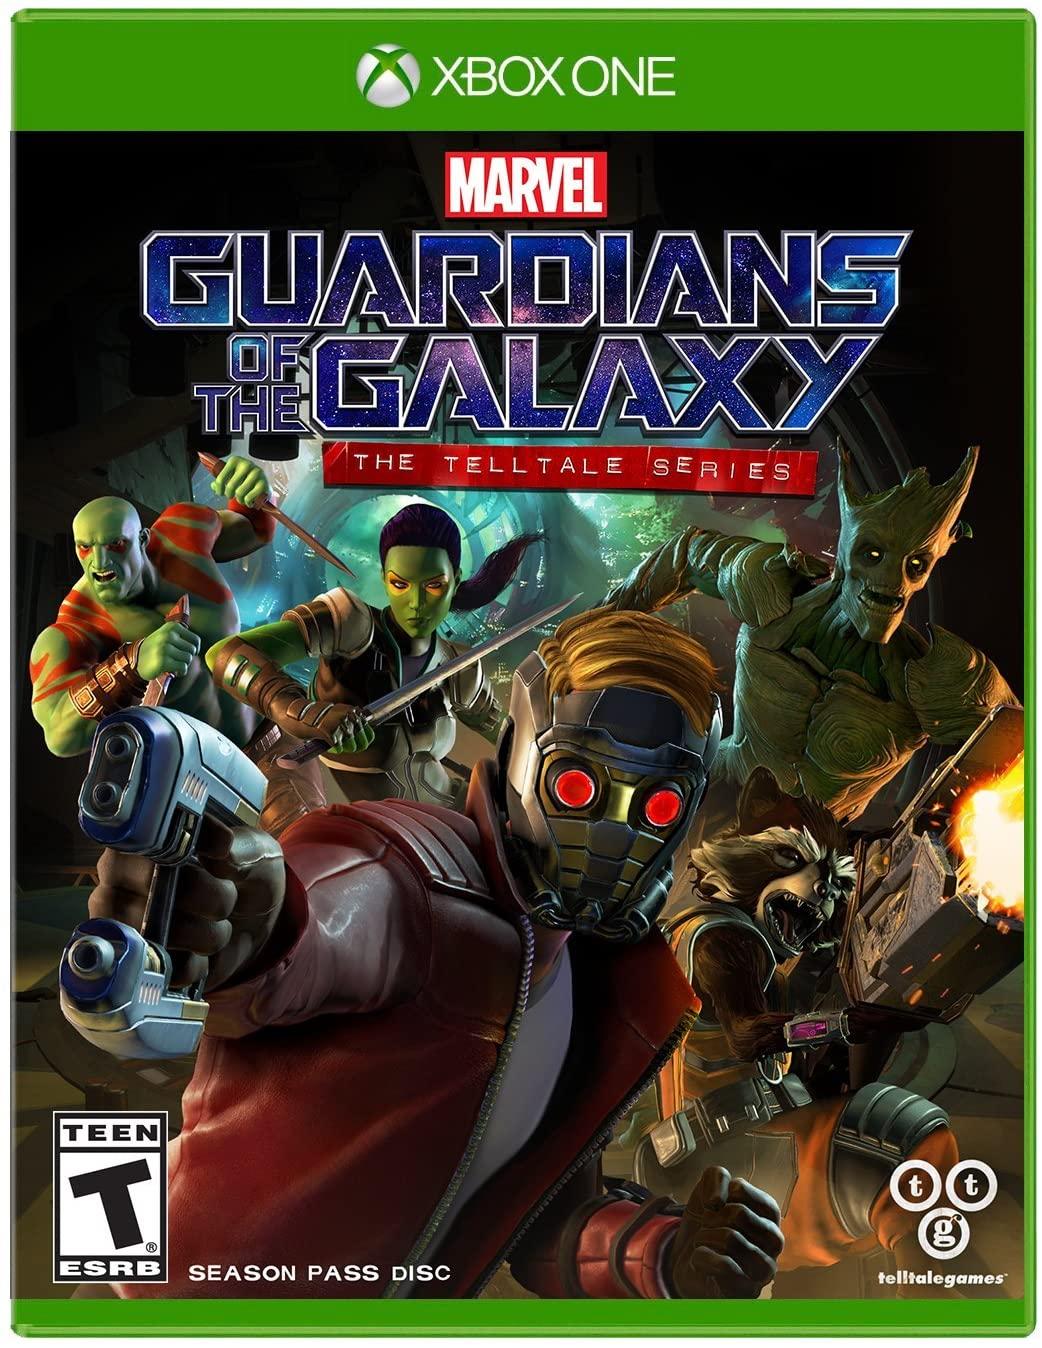 Jogo Xone Guardioes da Galaxia